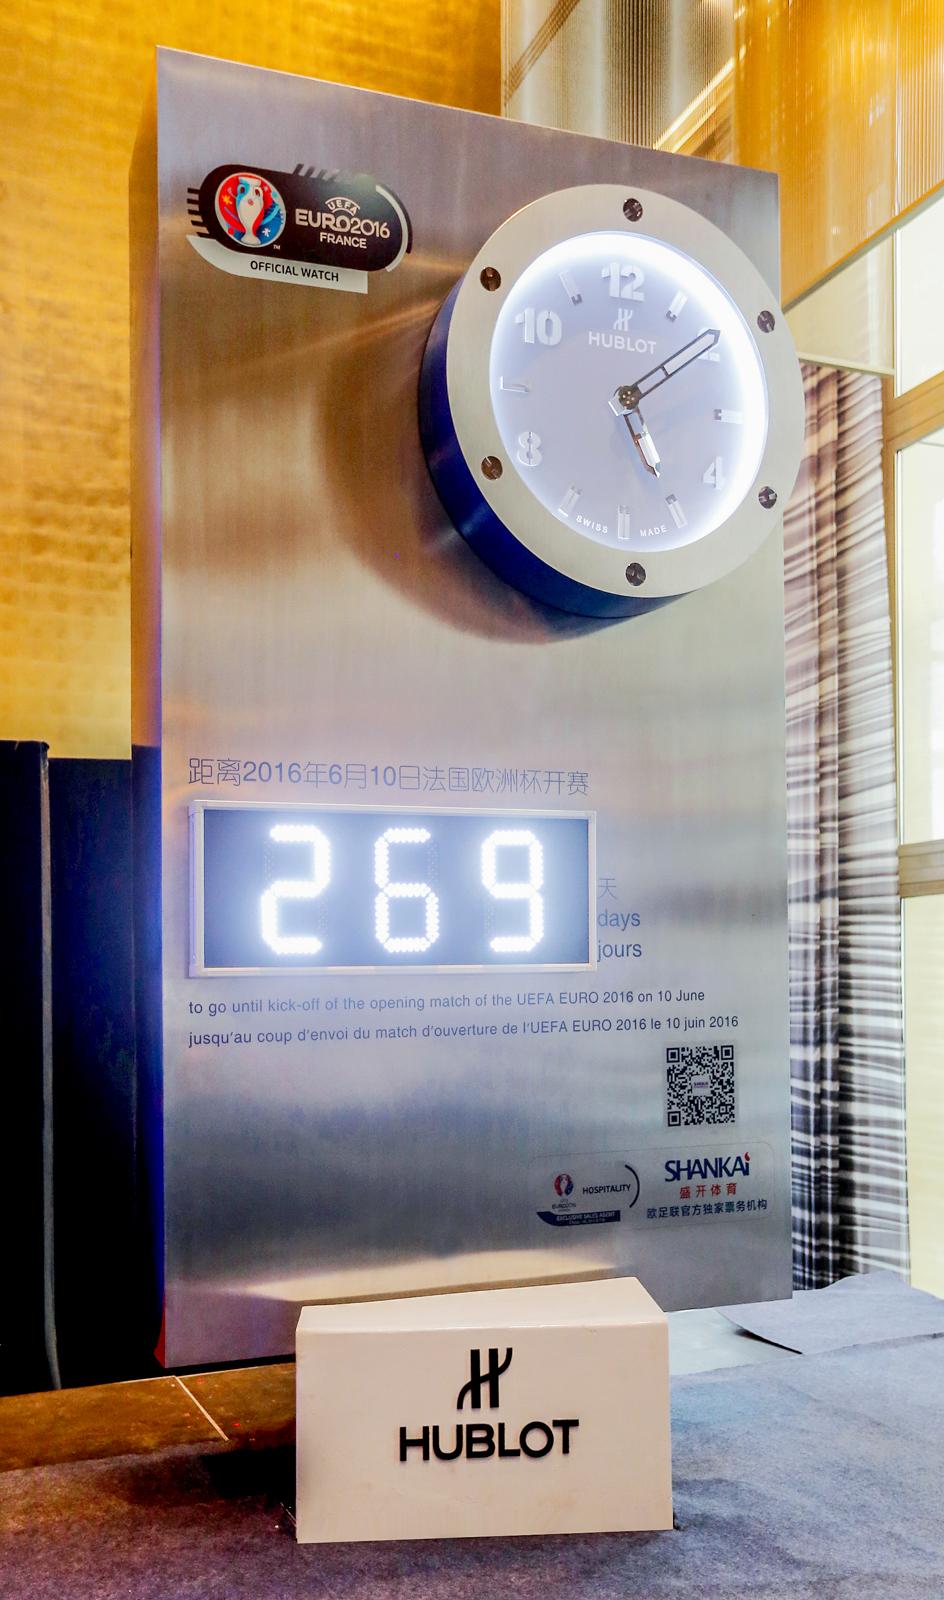 HUBLOT宇舶錶在北京法國駐中國大使館官邸正式揭幕2016年法國歐洲杯官方倒數計時裝置